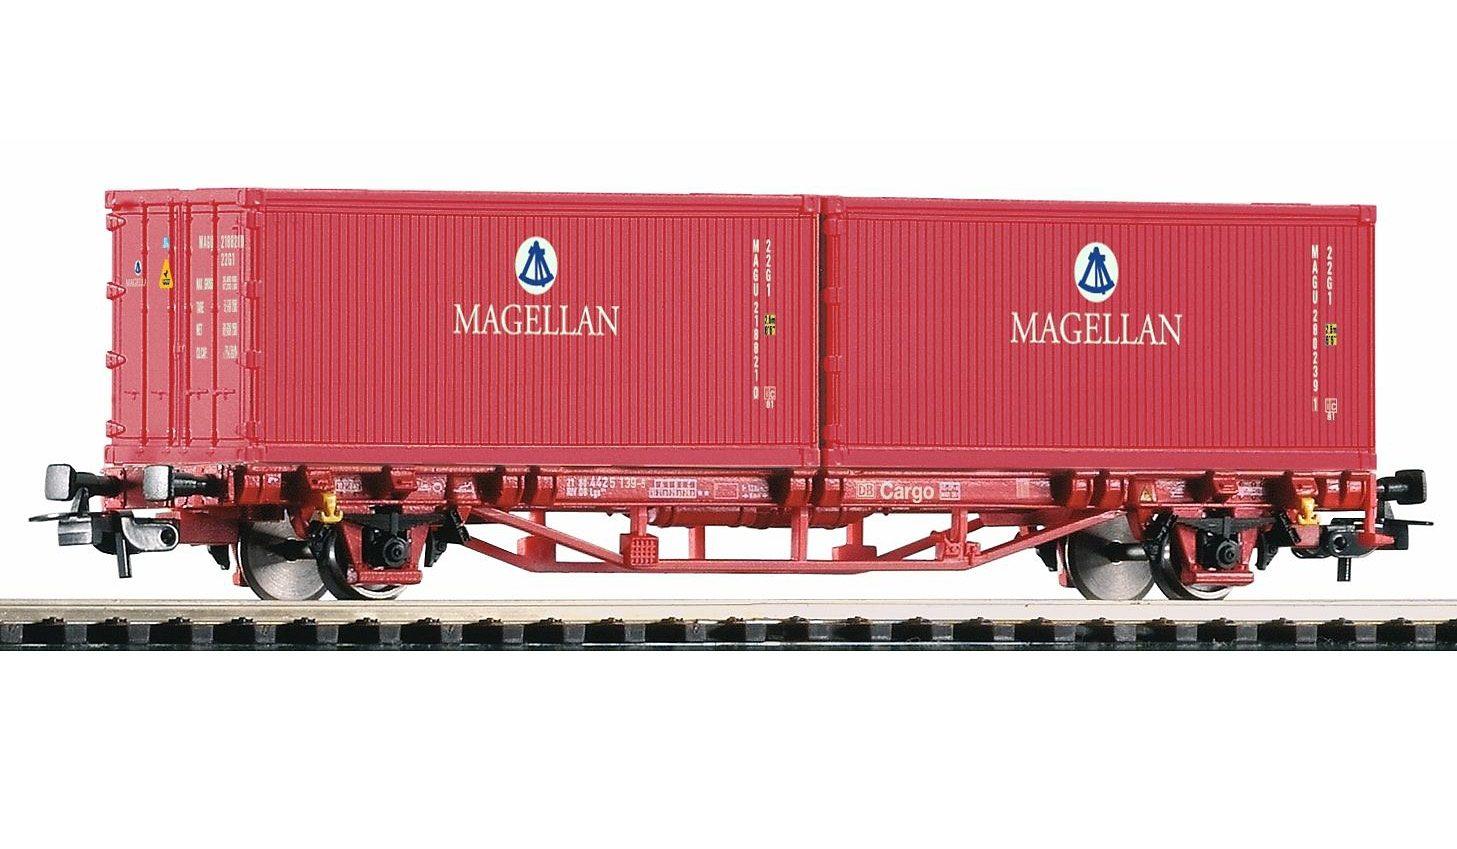 PIKO Güterwagen, »Containerwagen Lgs579, 2 Container Magellan, DB AG - Gleichstrom« Spur H0